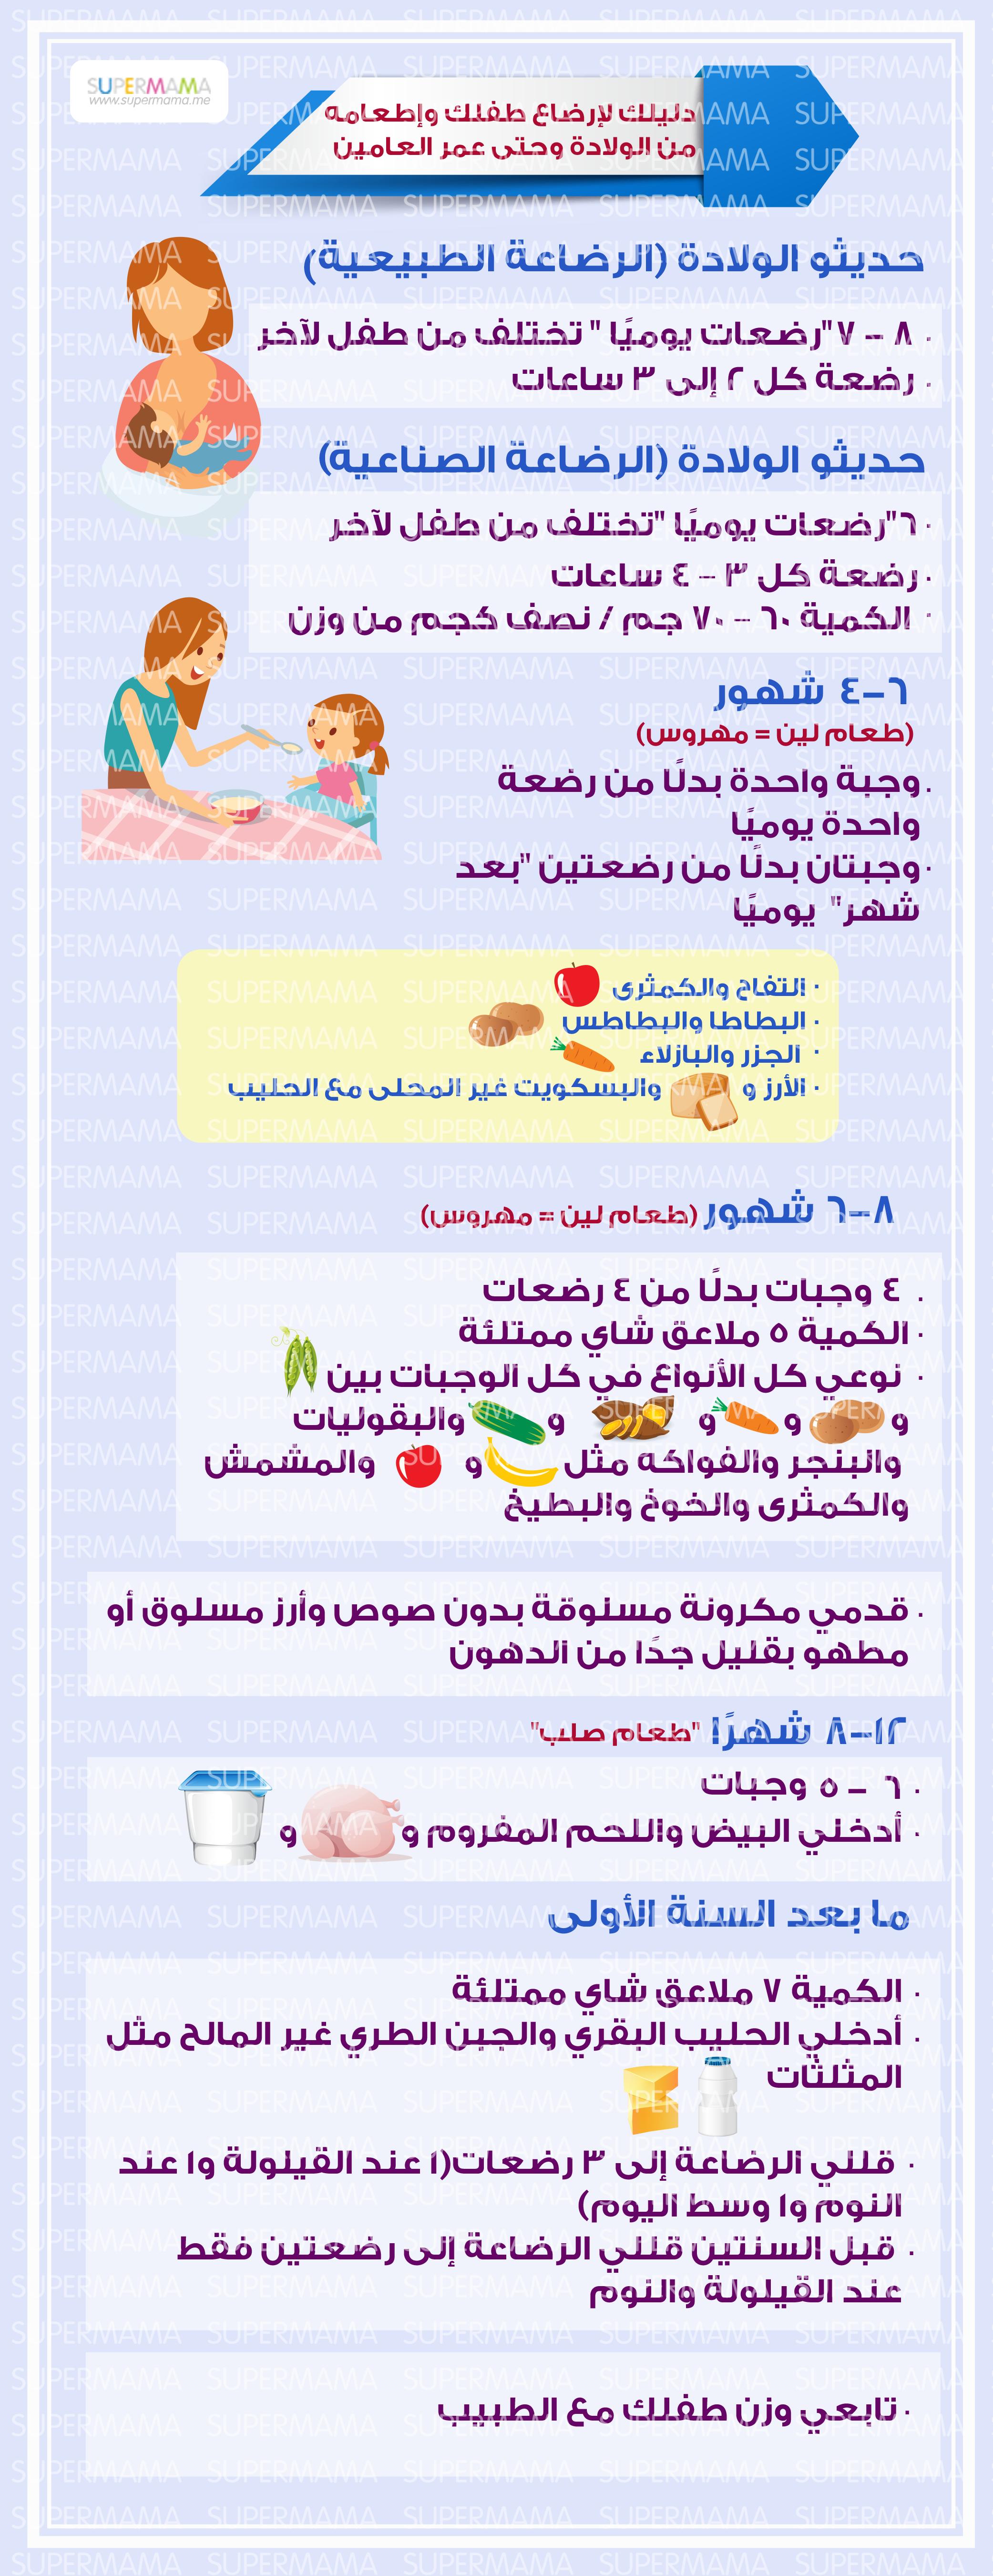 بالجدول: تغذية الطفل والمقدار المناسب لكل وجبة وكل عمر